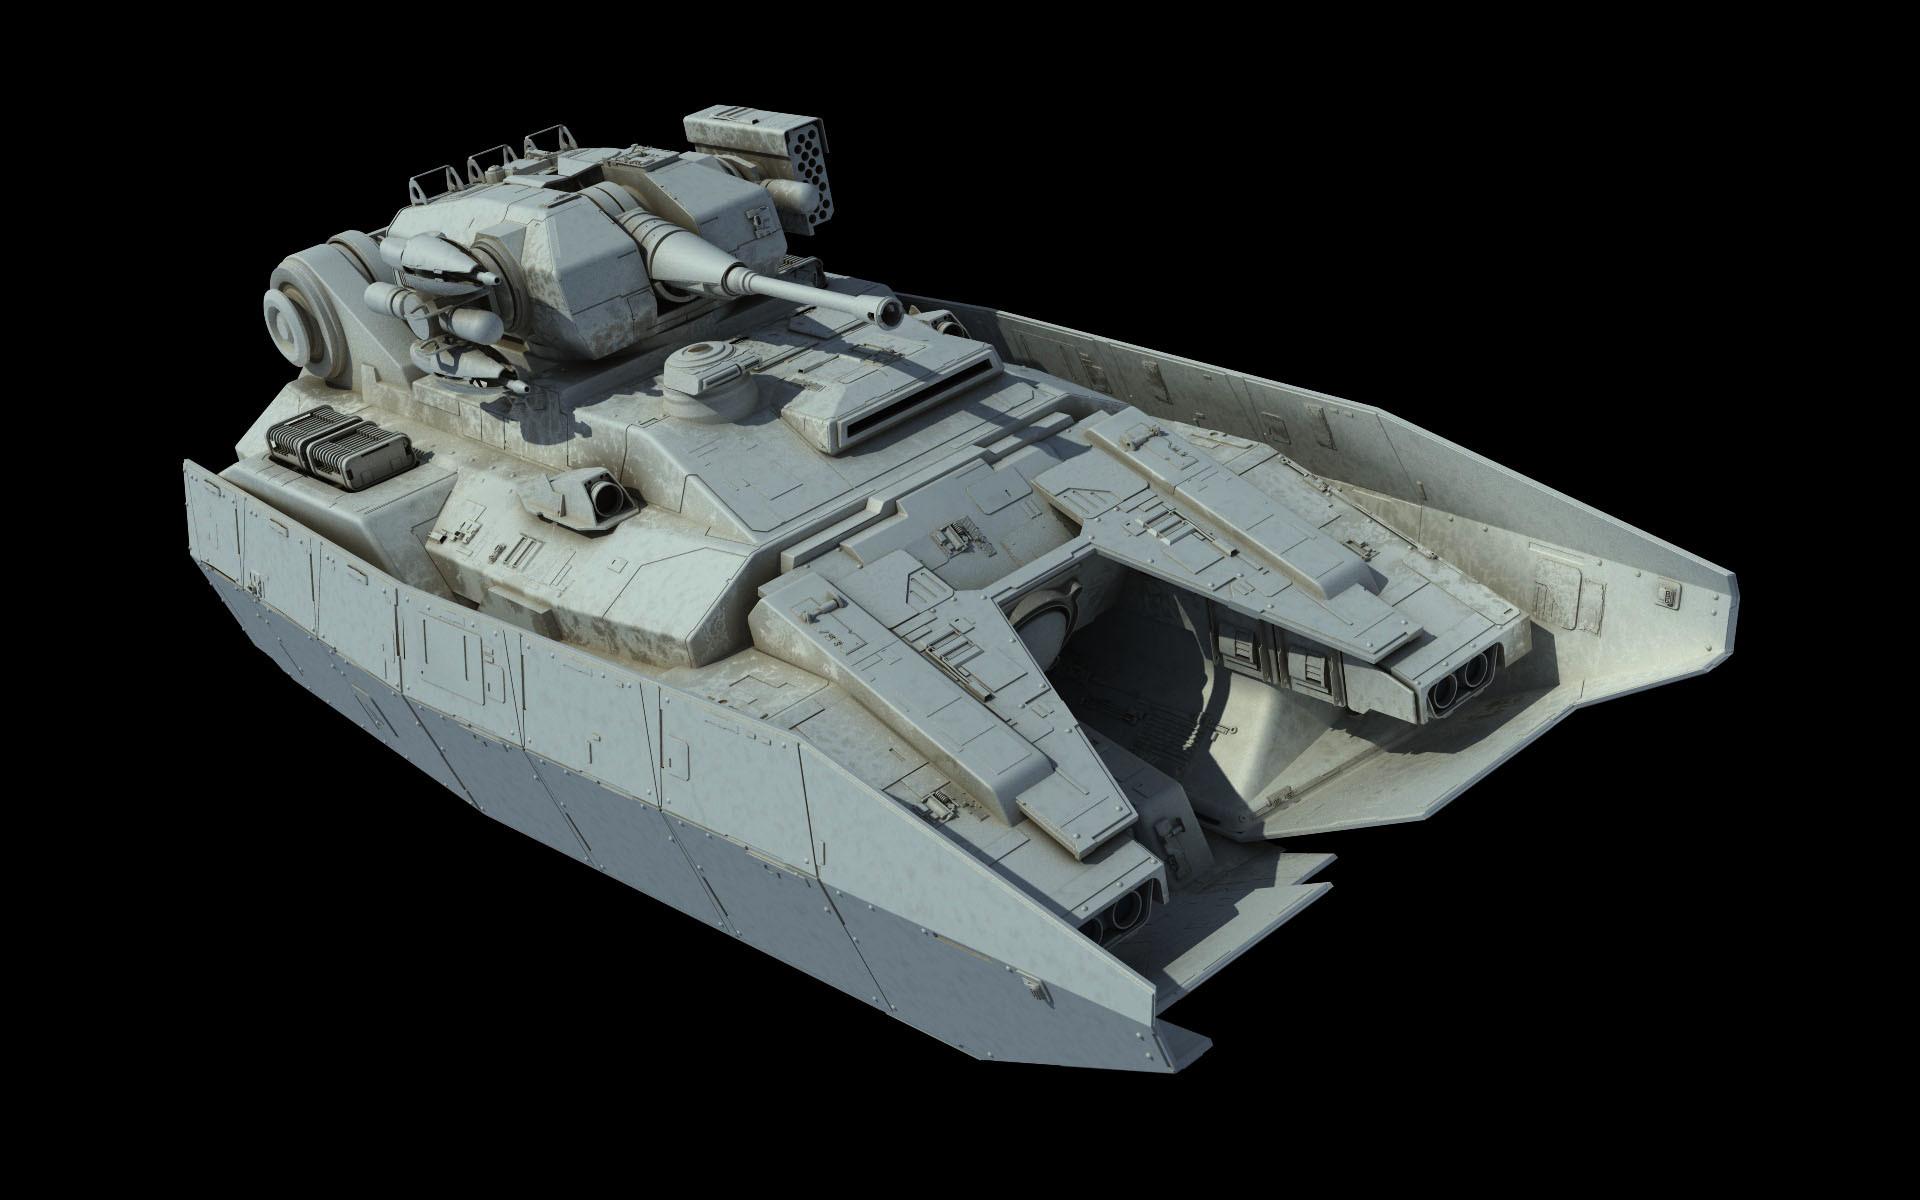 Ansel hsiao tank13